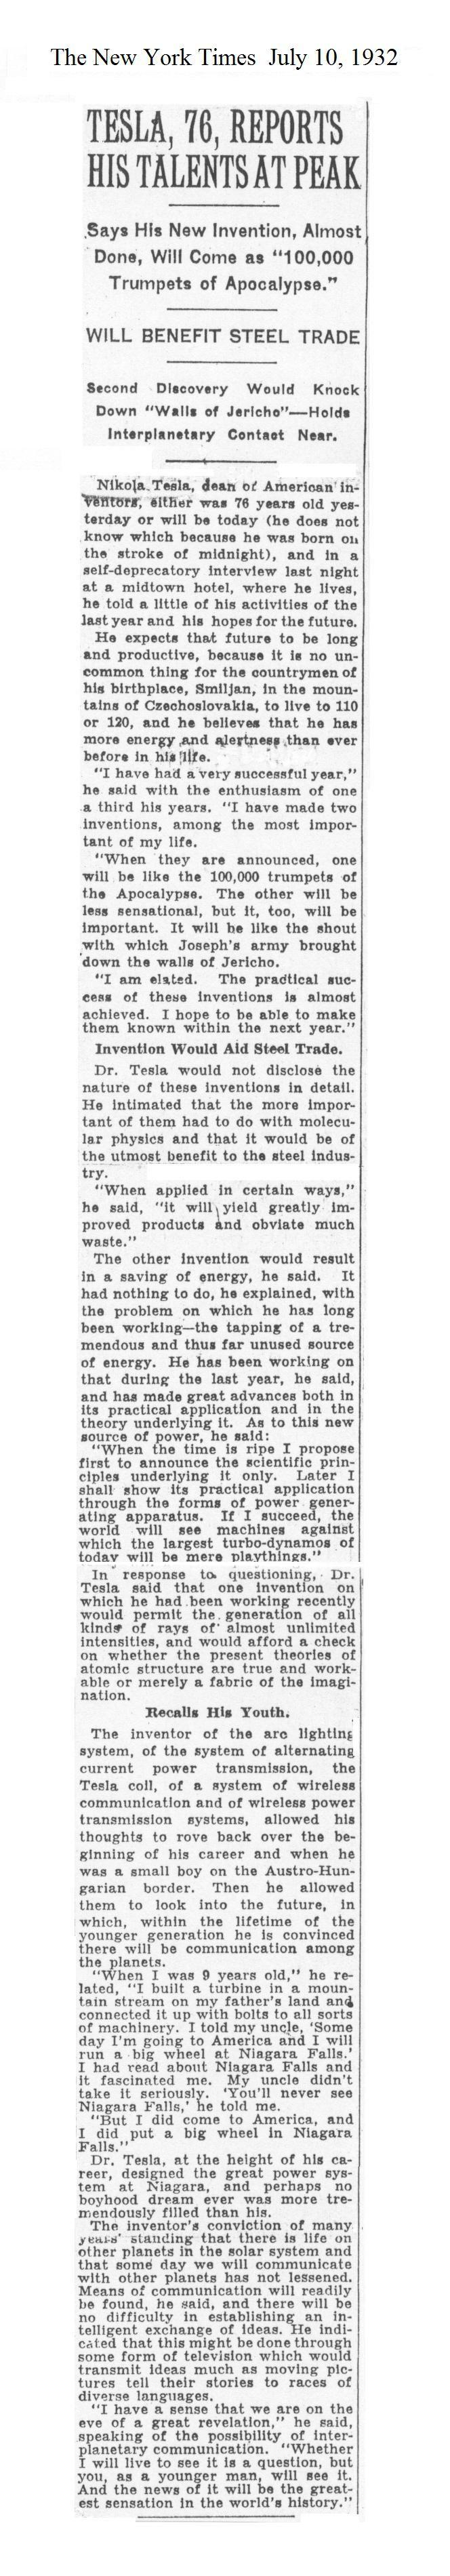 Bonus Volume-New York Sun Tesla Clipping File 1930-1945_14